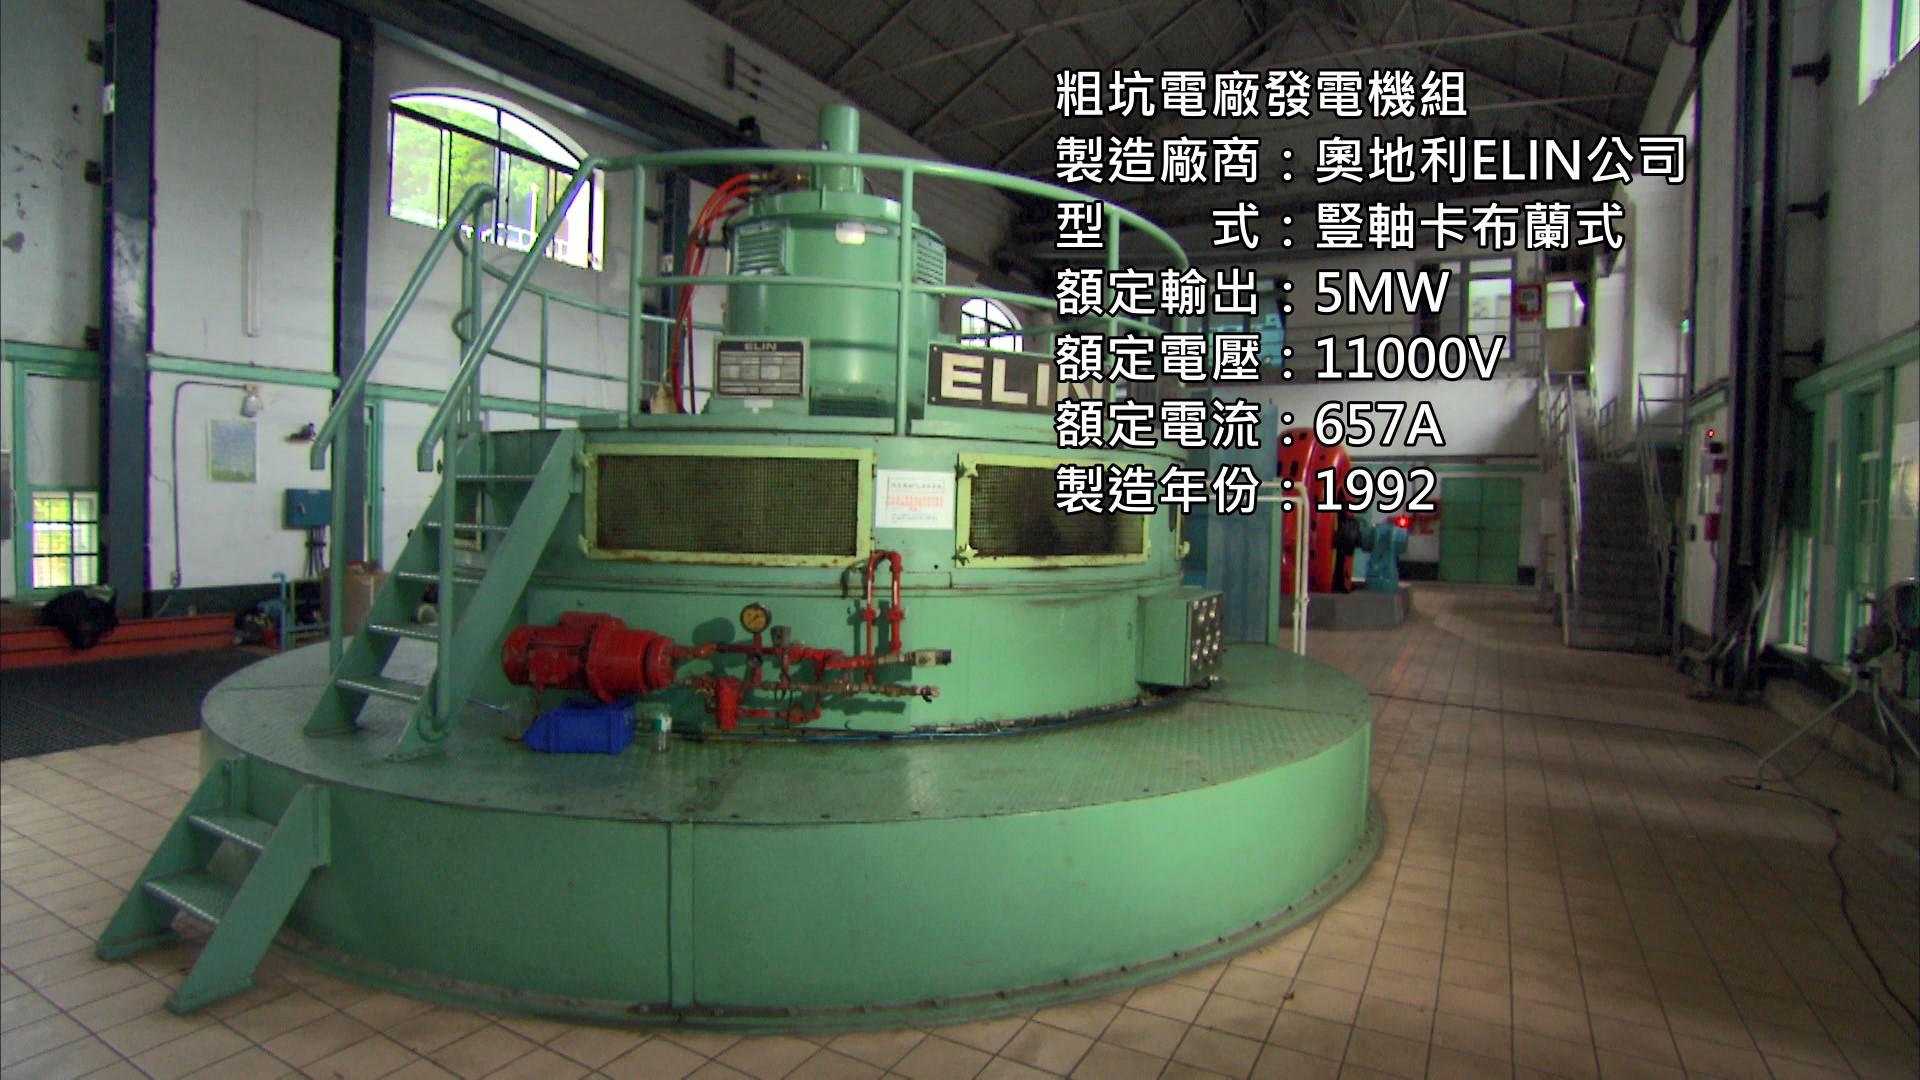 小粗坑電廠1992年新增發電機組:1992年台電把原二號三號機拆除,換裝ELIN公司容量 5,000 瓩之機組一部,廠 房內其他三部老舊機組、廠房及引水路等均保原狀。如此耗損減少,效率